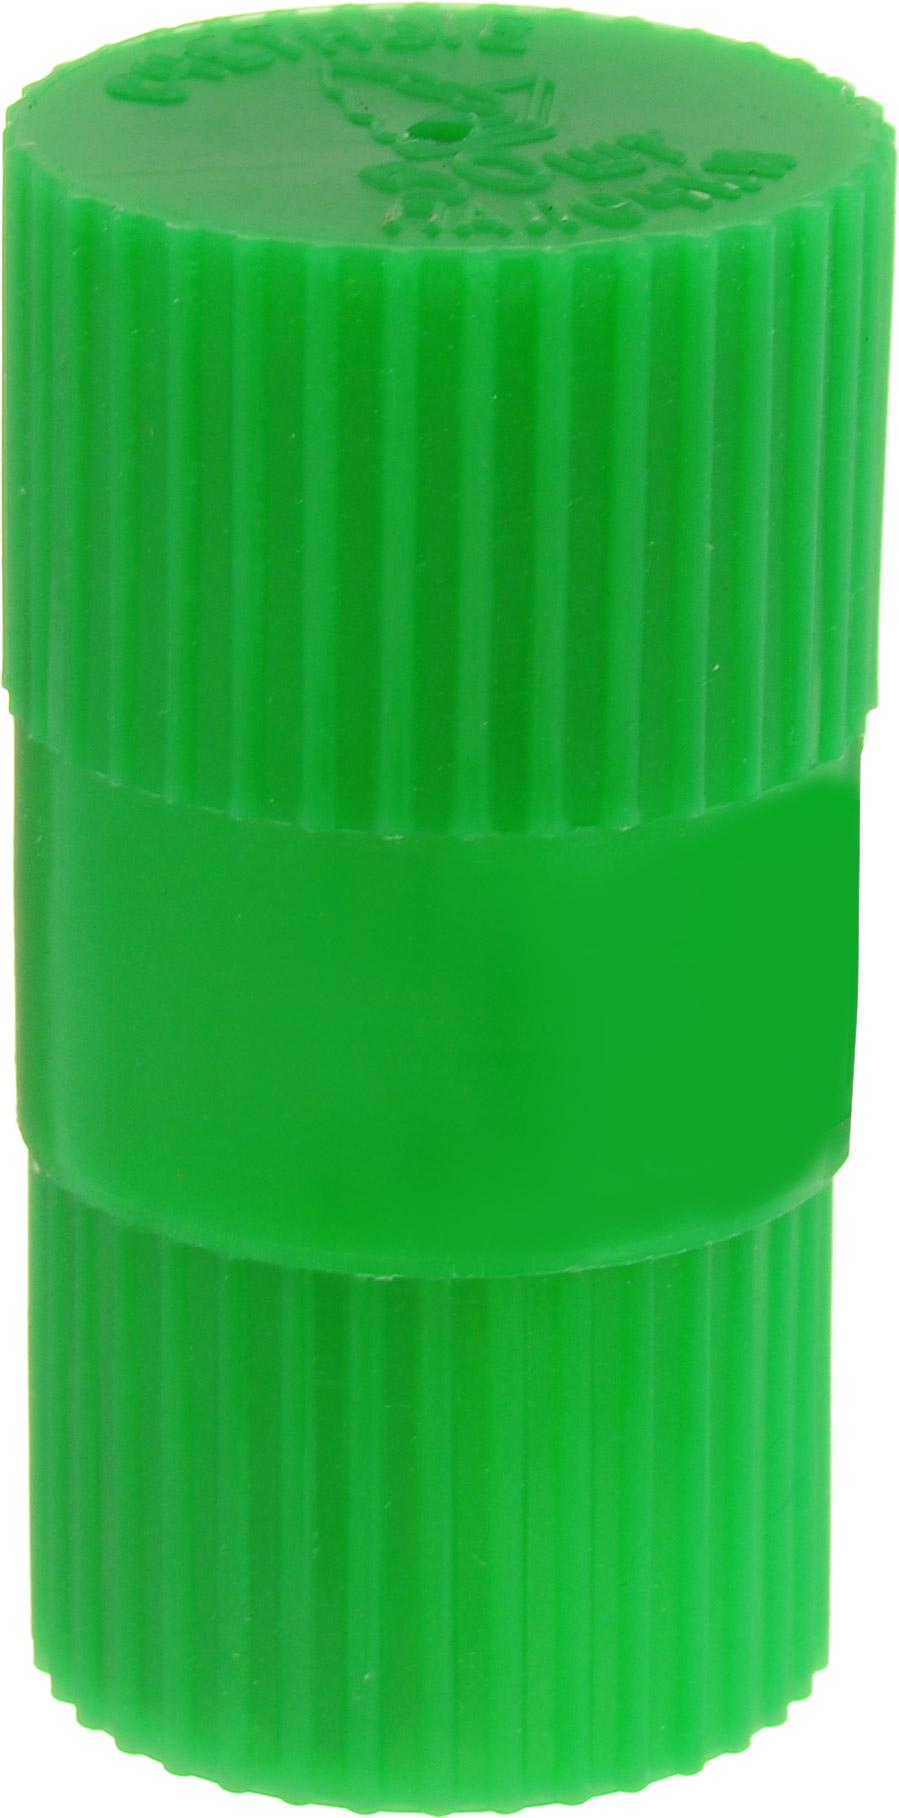 Красная звезда Набор счетных палочек цвет упаковки зеленый 50 шт